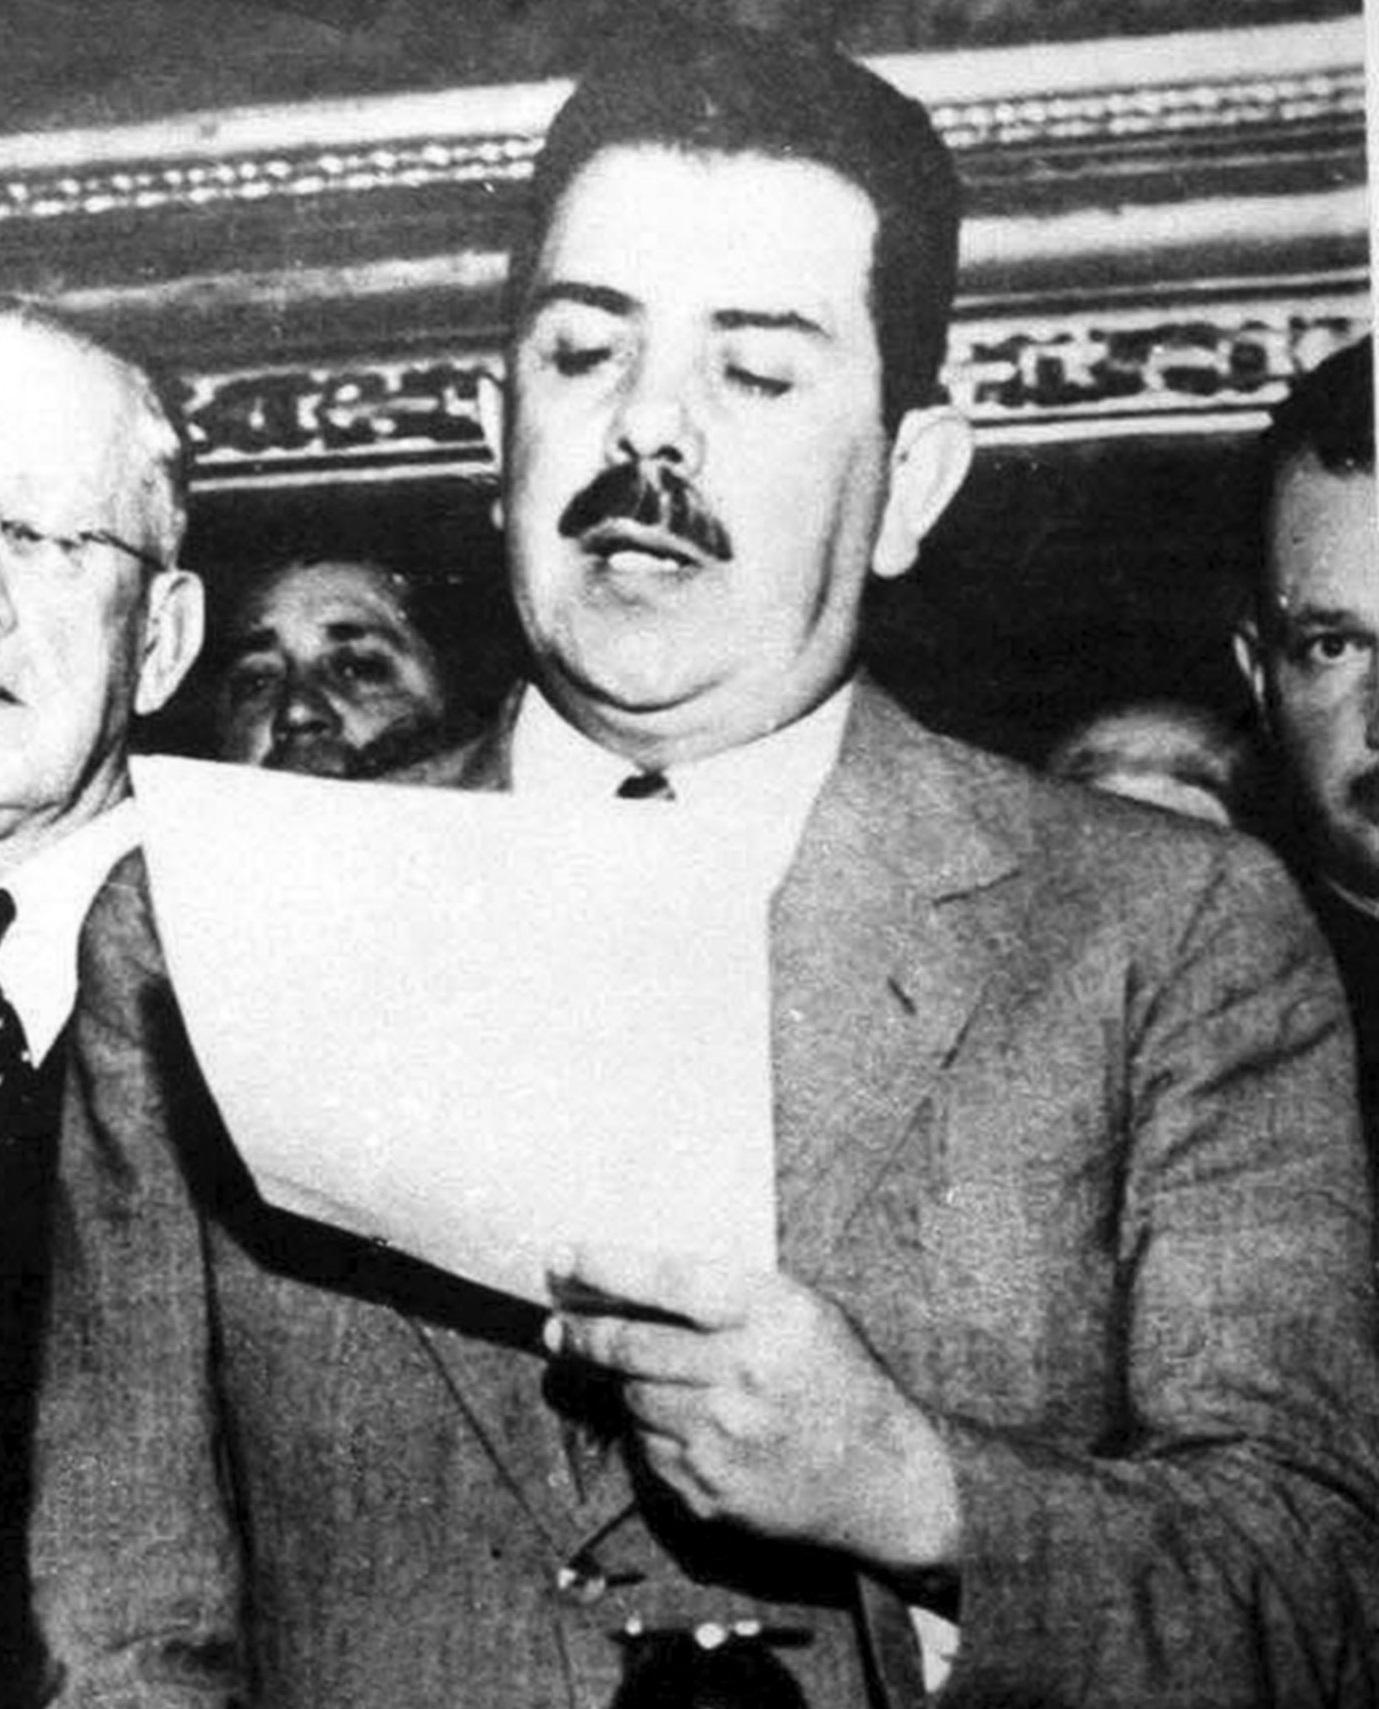 Hoy, hace 64 años, las mujeres pudieron votar por primera vez en México